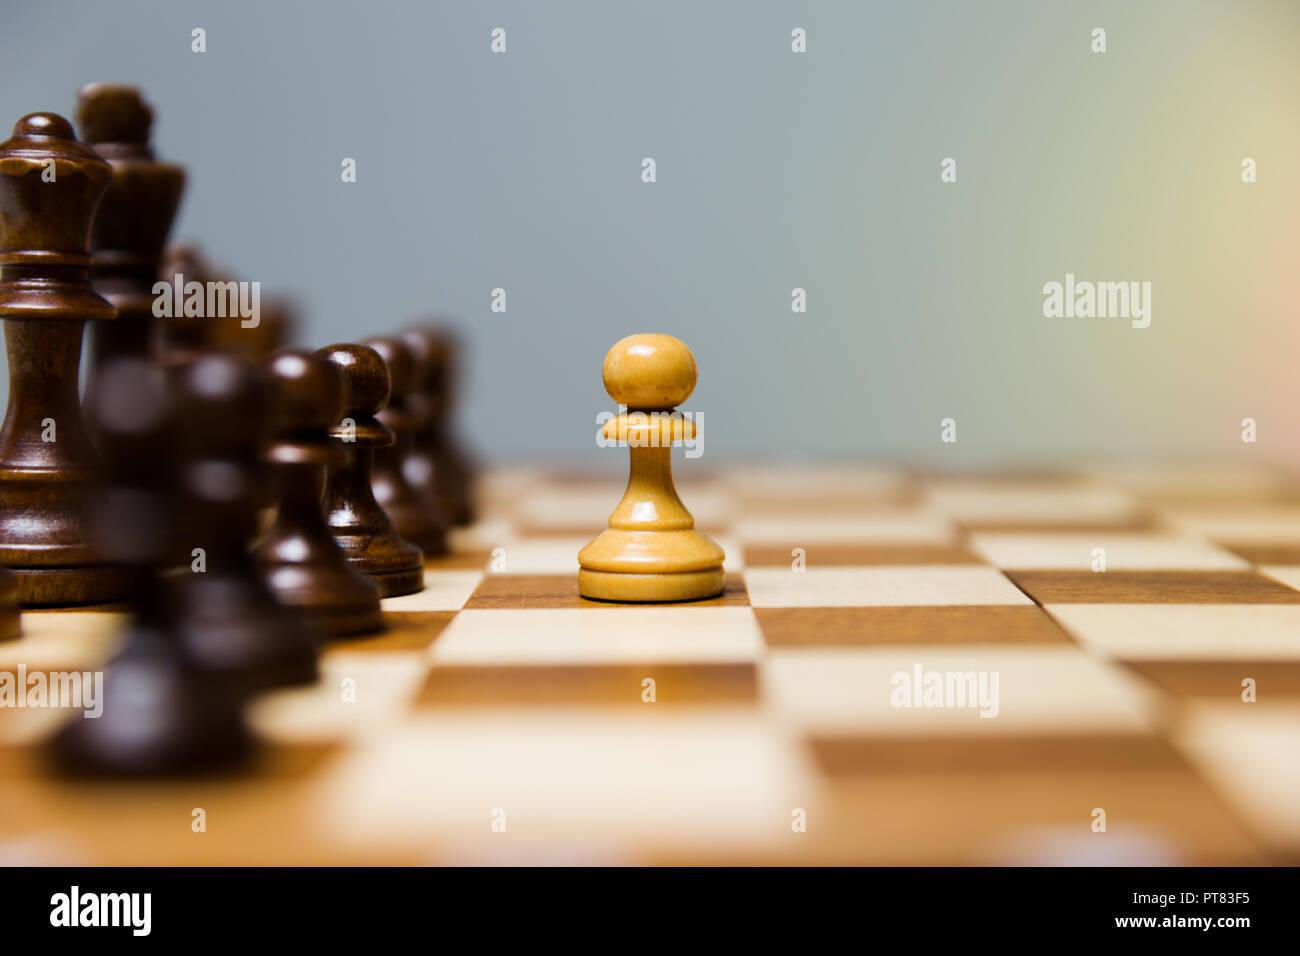 Pion debout devant des chiffres obscurs échecs alignés. Courage et concept de leadership. Photo Stock